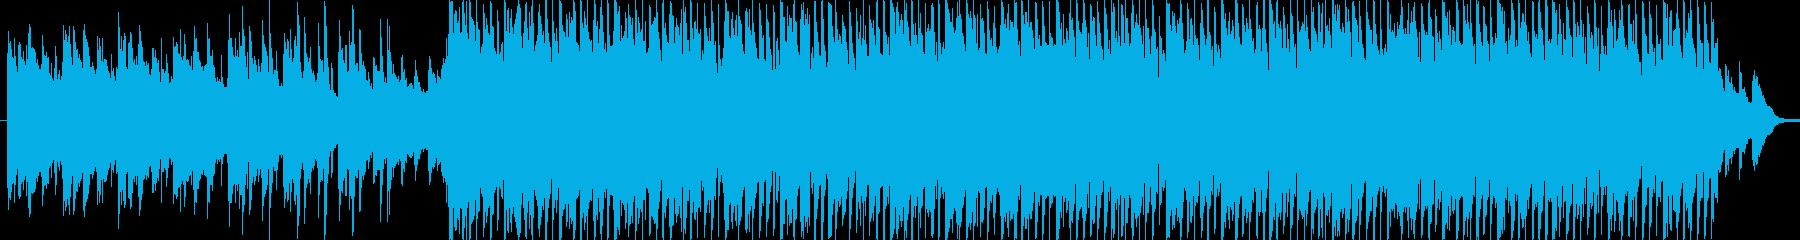 リズミックなポップBGM(60ver)の再生済みの波形